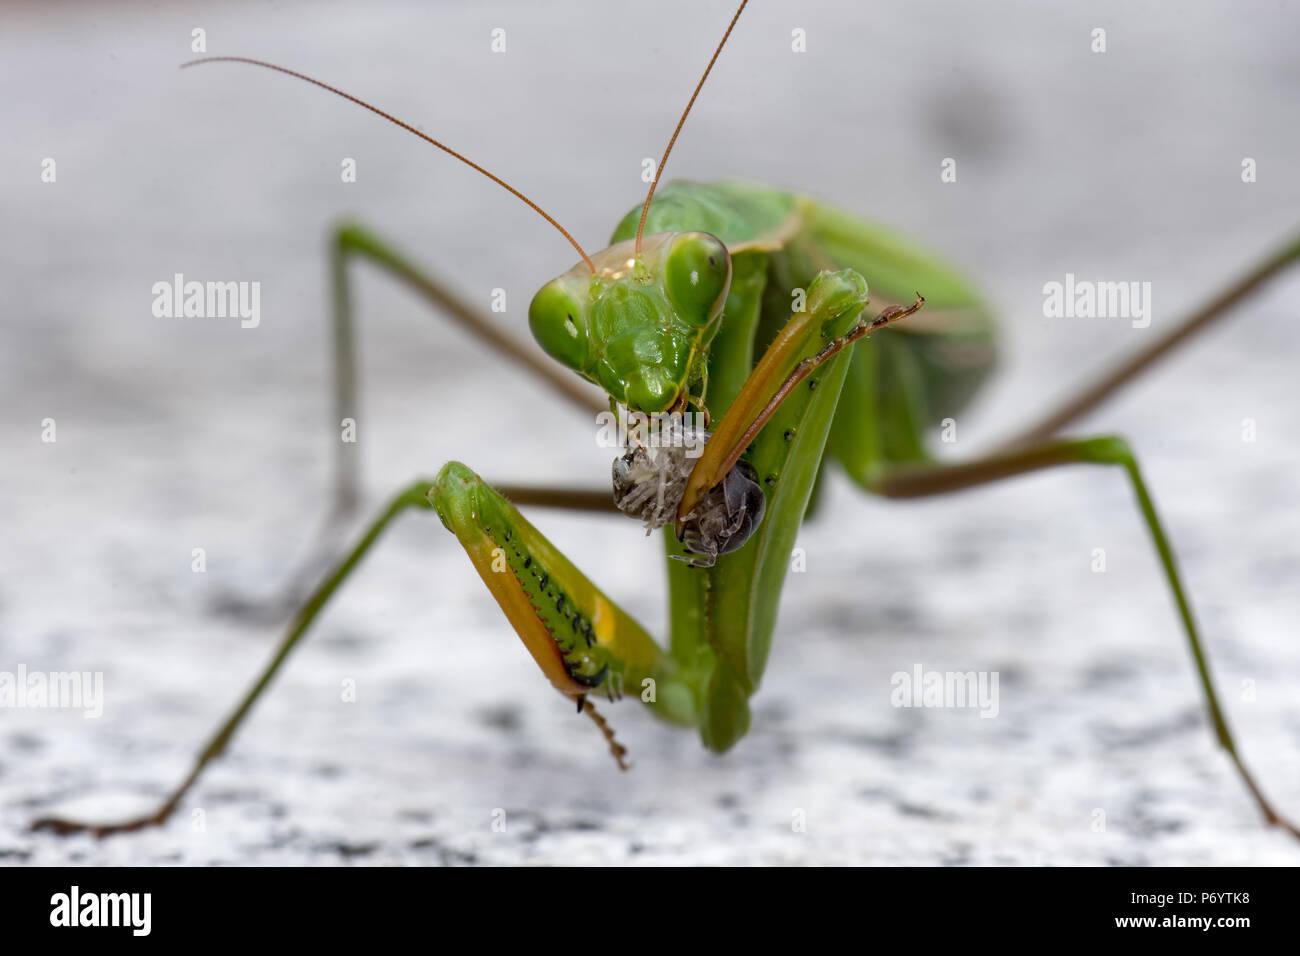 Farbe outdoor natürliche Tierwelt hautnah Makrofotografie eines einzigen Grün isoliert Gottesanbeterin beim Essen Stockfoto